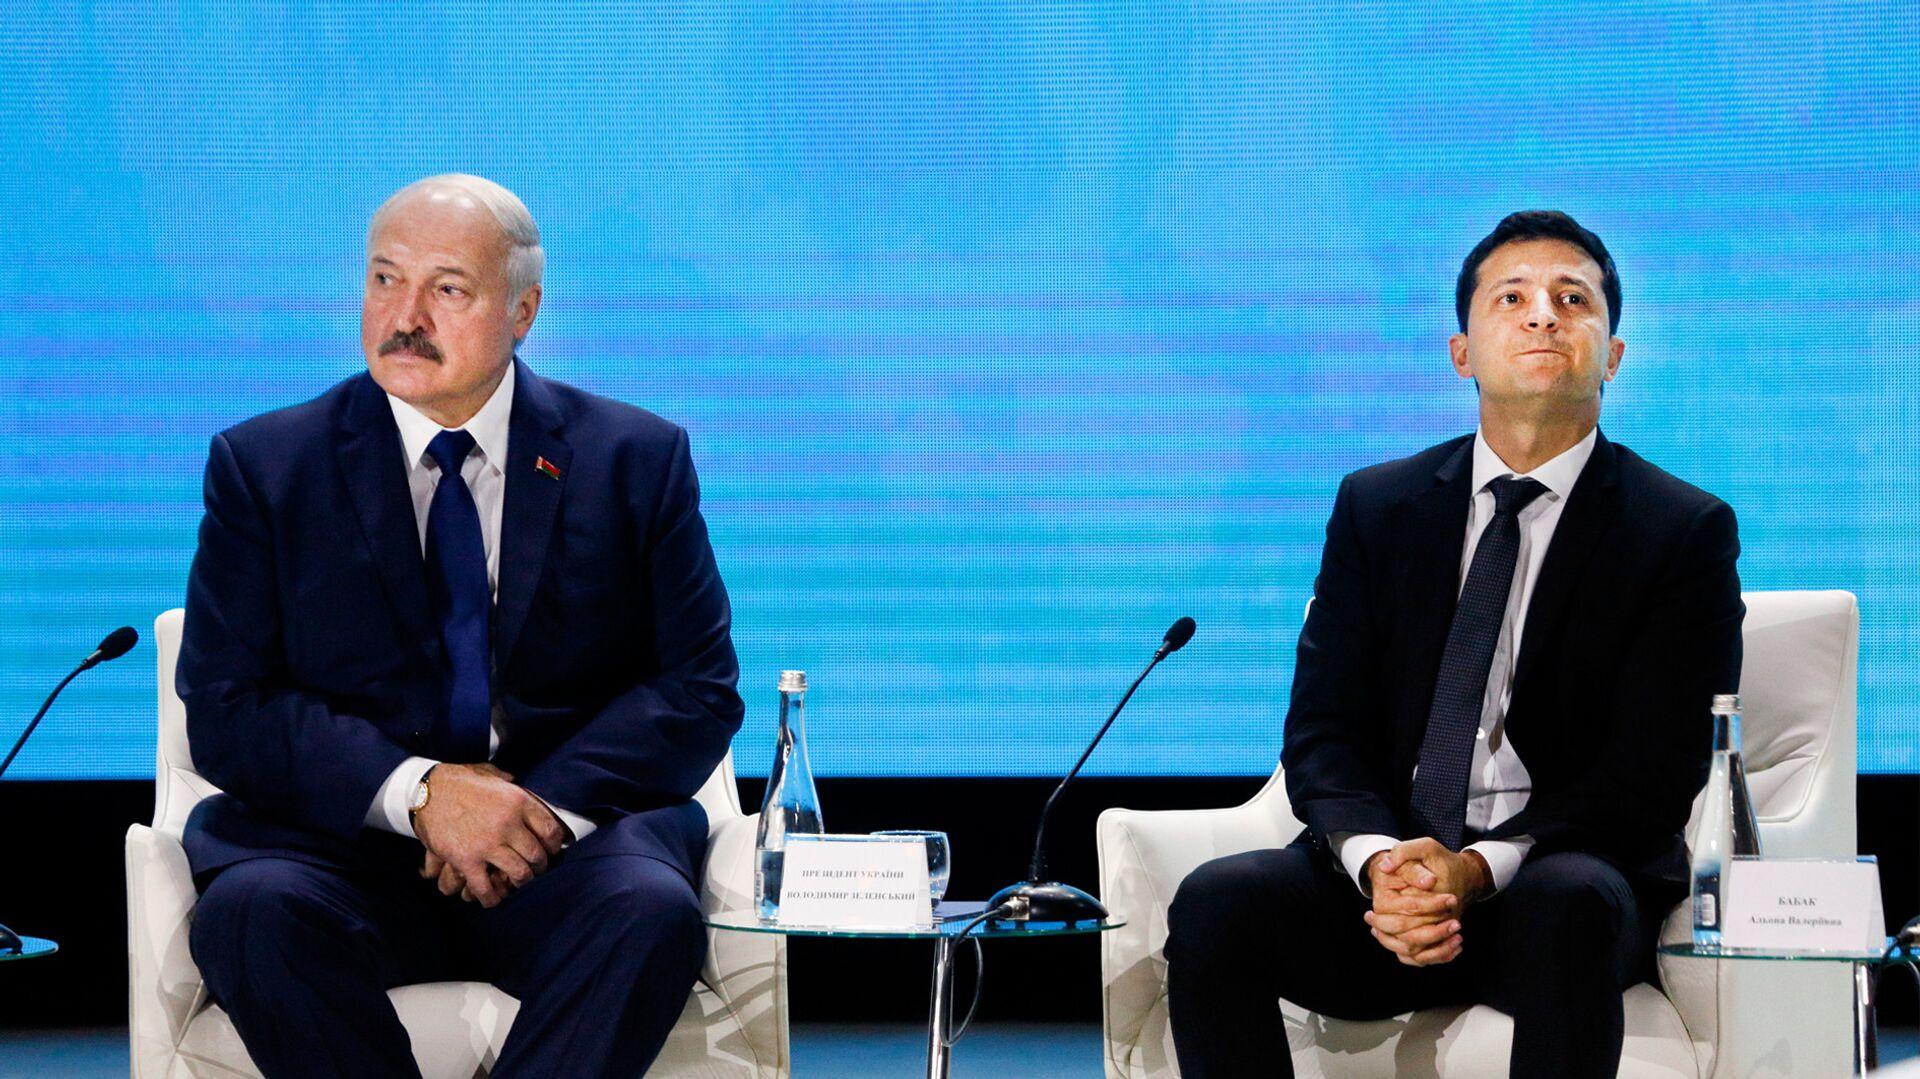 Президент Беларуси Александр Лукашенко и президент Украины Владимир Зеленский на форуме Украина Беларусь - РИА Новости, 1920, 30.07.2021